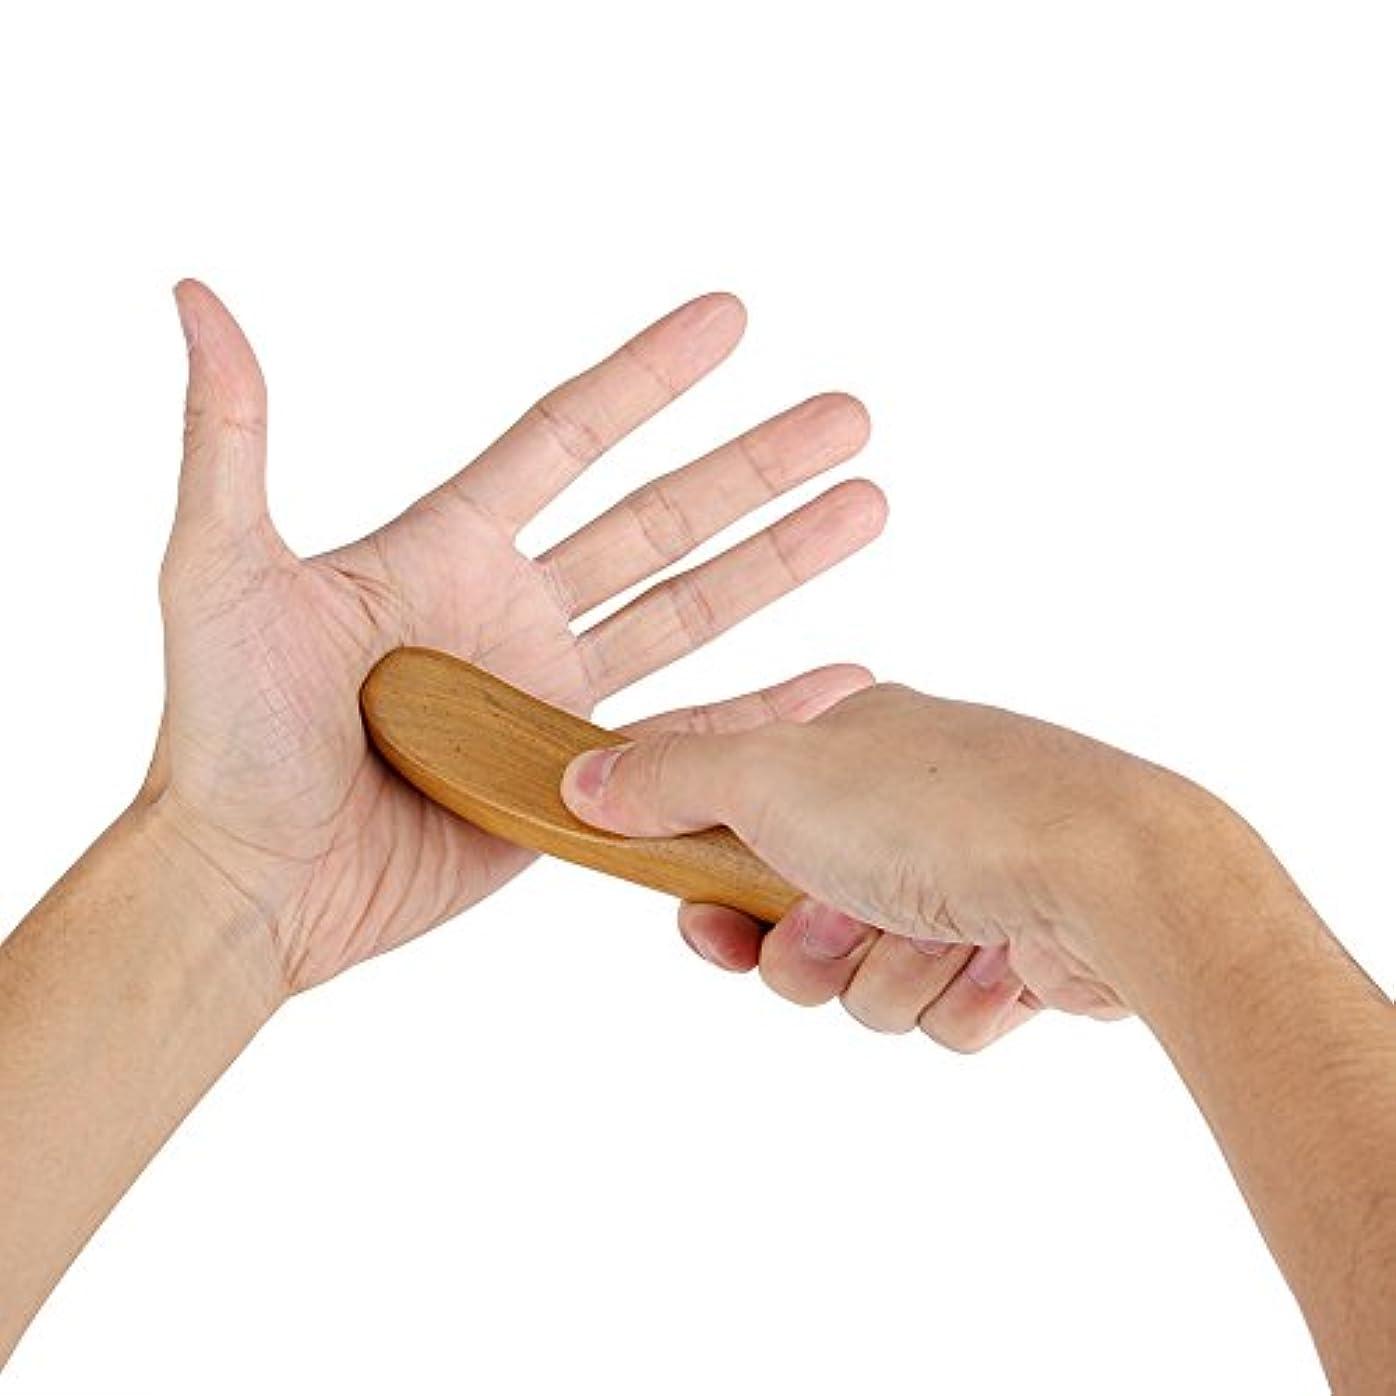 有効化確かにシネウィ香りのよい木指圧ポイント子午線掻き寄せスティックミニフィンガーバックボディマッサージャー